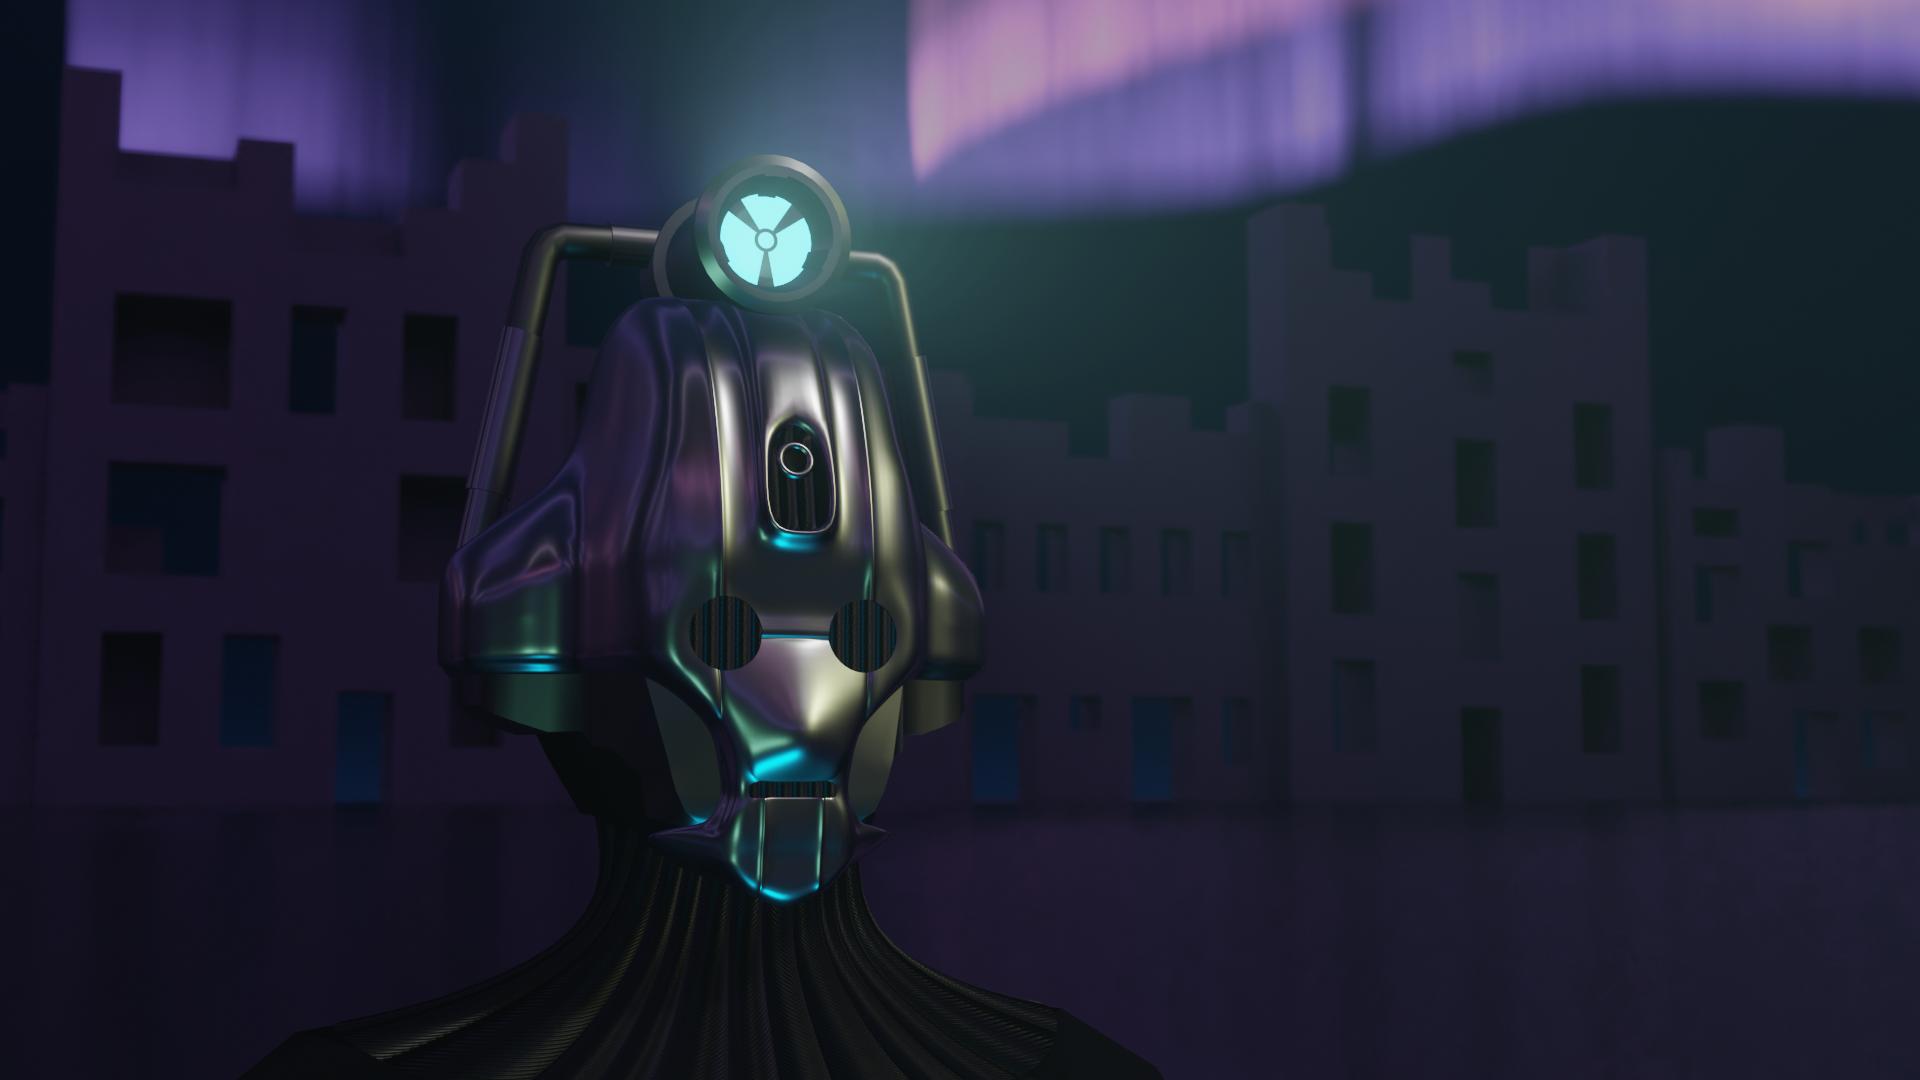 WIP Cyberman